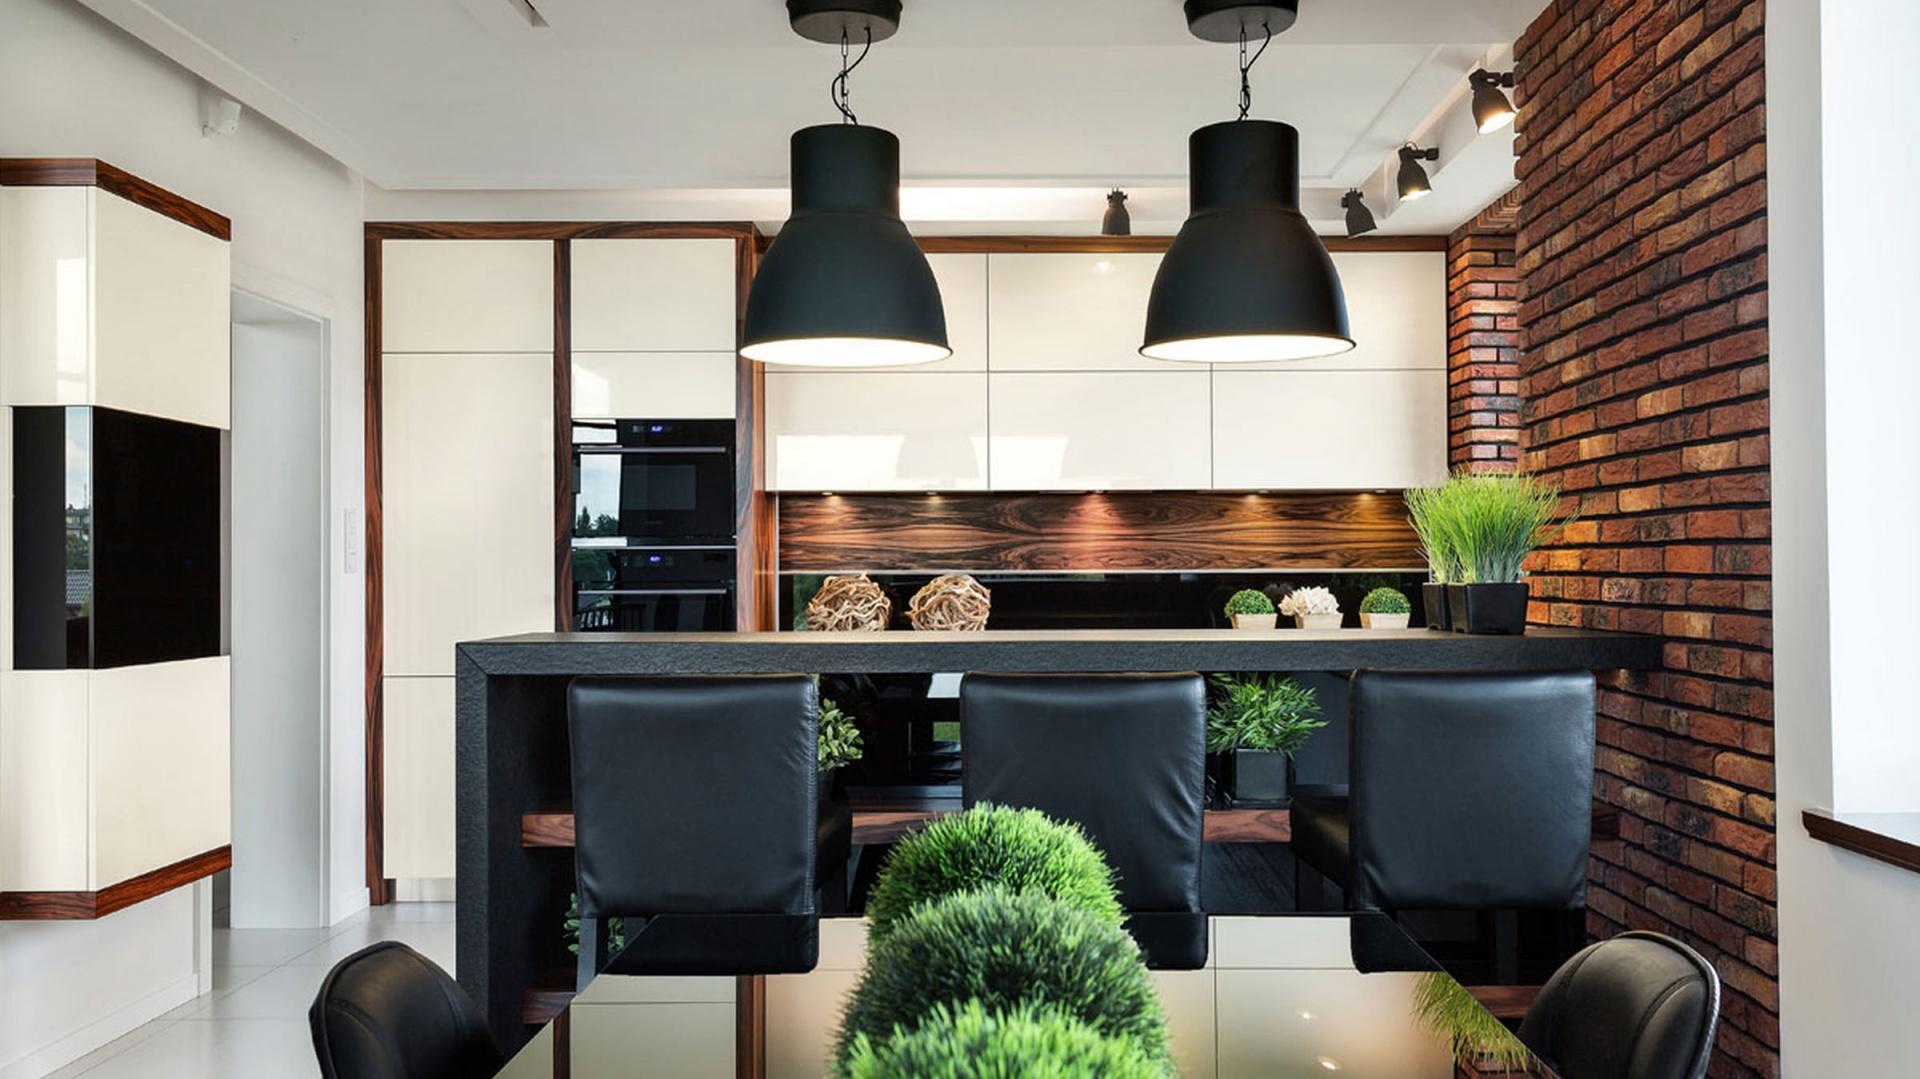 Aranżacja tej kuchni zyskała nazwę Brick - od cegły, którą pokryto ściany. Głęboka, czerwona barwa ociepla aranżację, opartą o białą zabudowę w chłodnym połysku. Z kolei czarne loftowe lampy i minimalistyczna stylistyka mebli sprawiają, że wnętrze nabiera loftowego charakteru. Fot. Pracownia Mebli Vigo.